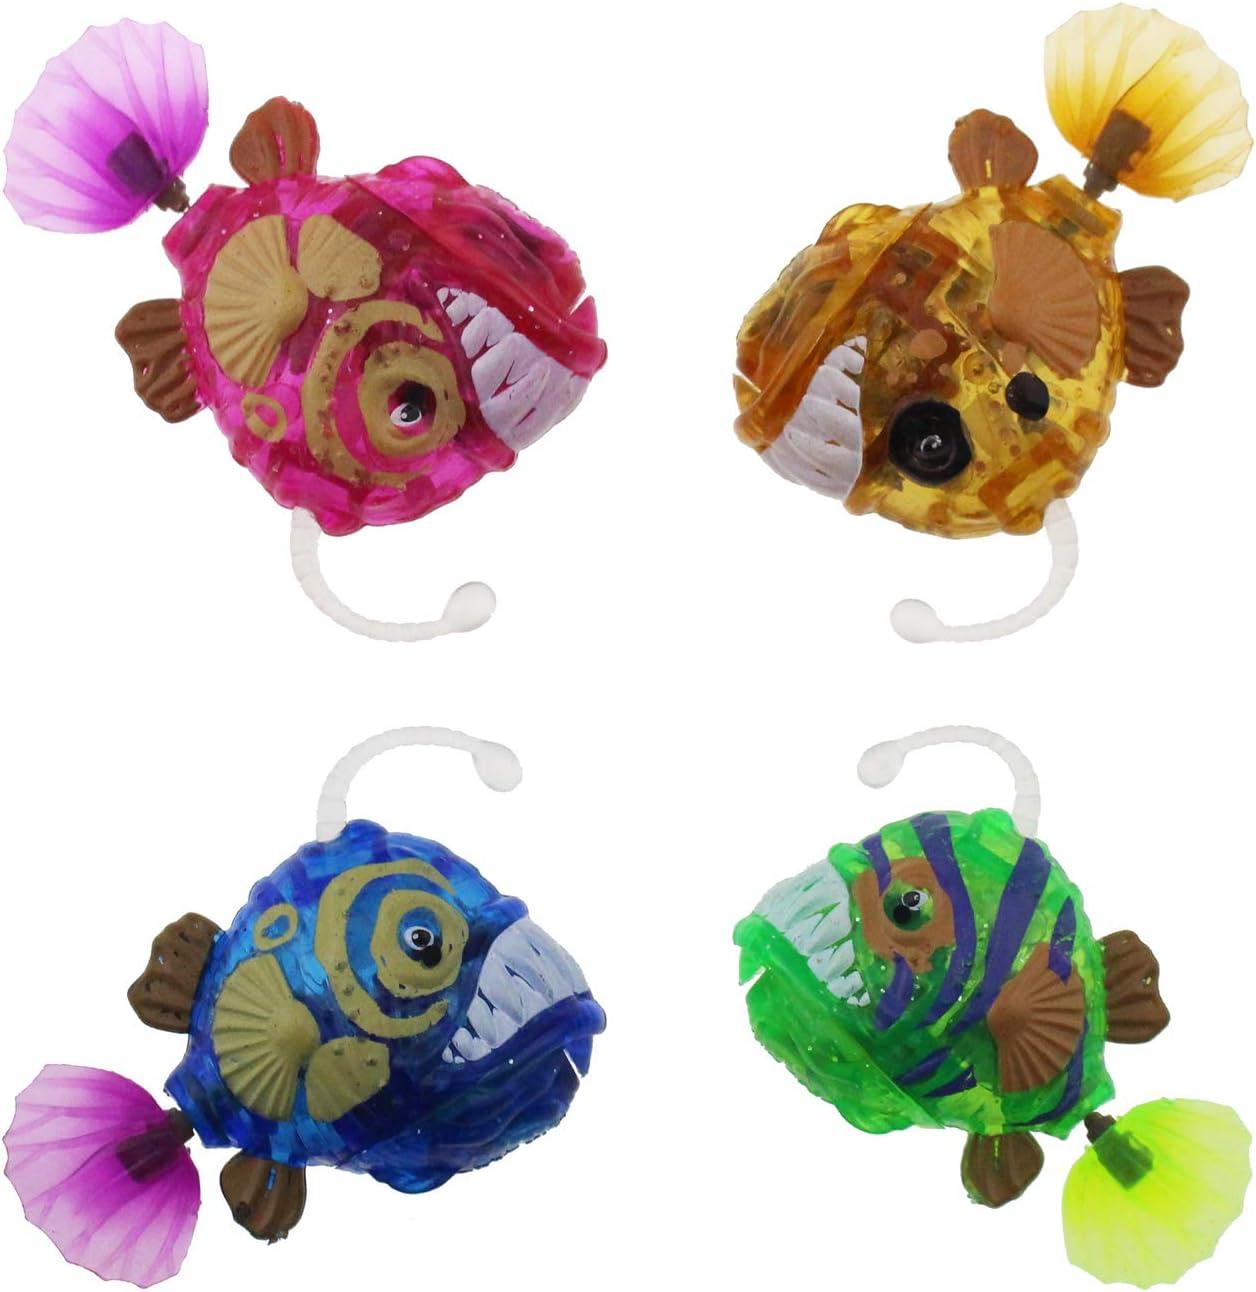 Escomdp Juguetes eléctricos para Peces Mascotas de Animales electrónicos Juguete de baño para bebés y niños pequeños Tanque de Peces Regalo para niños (4 Piezas)